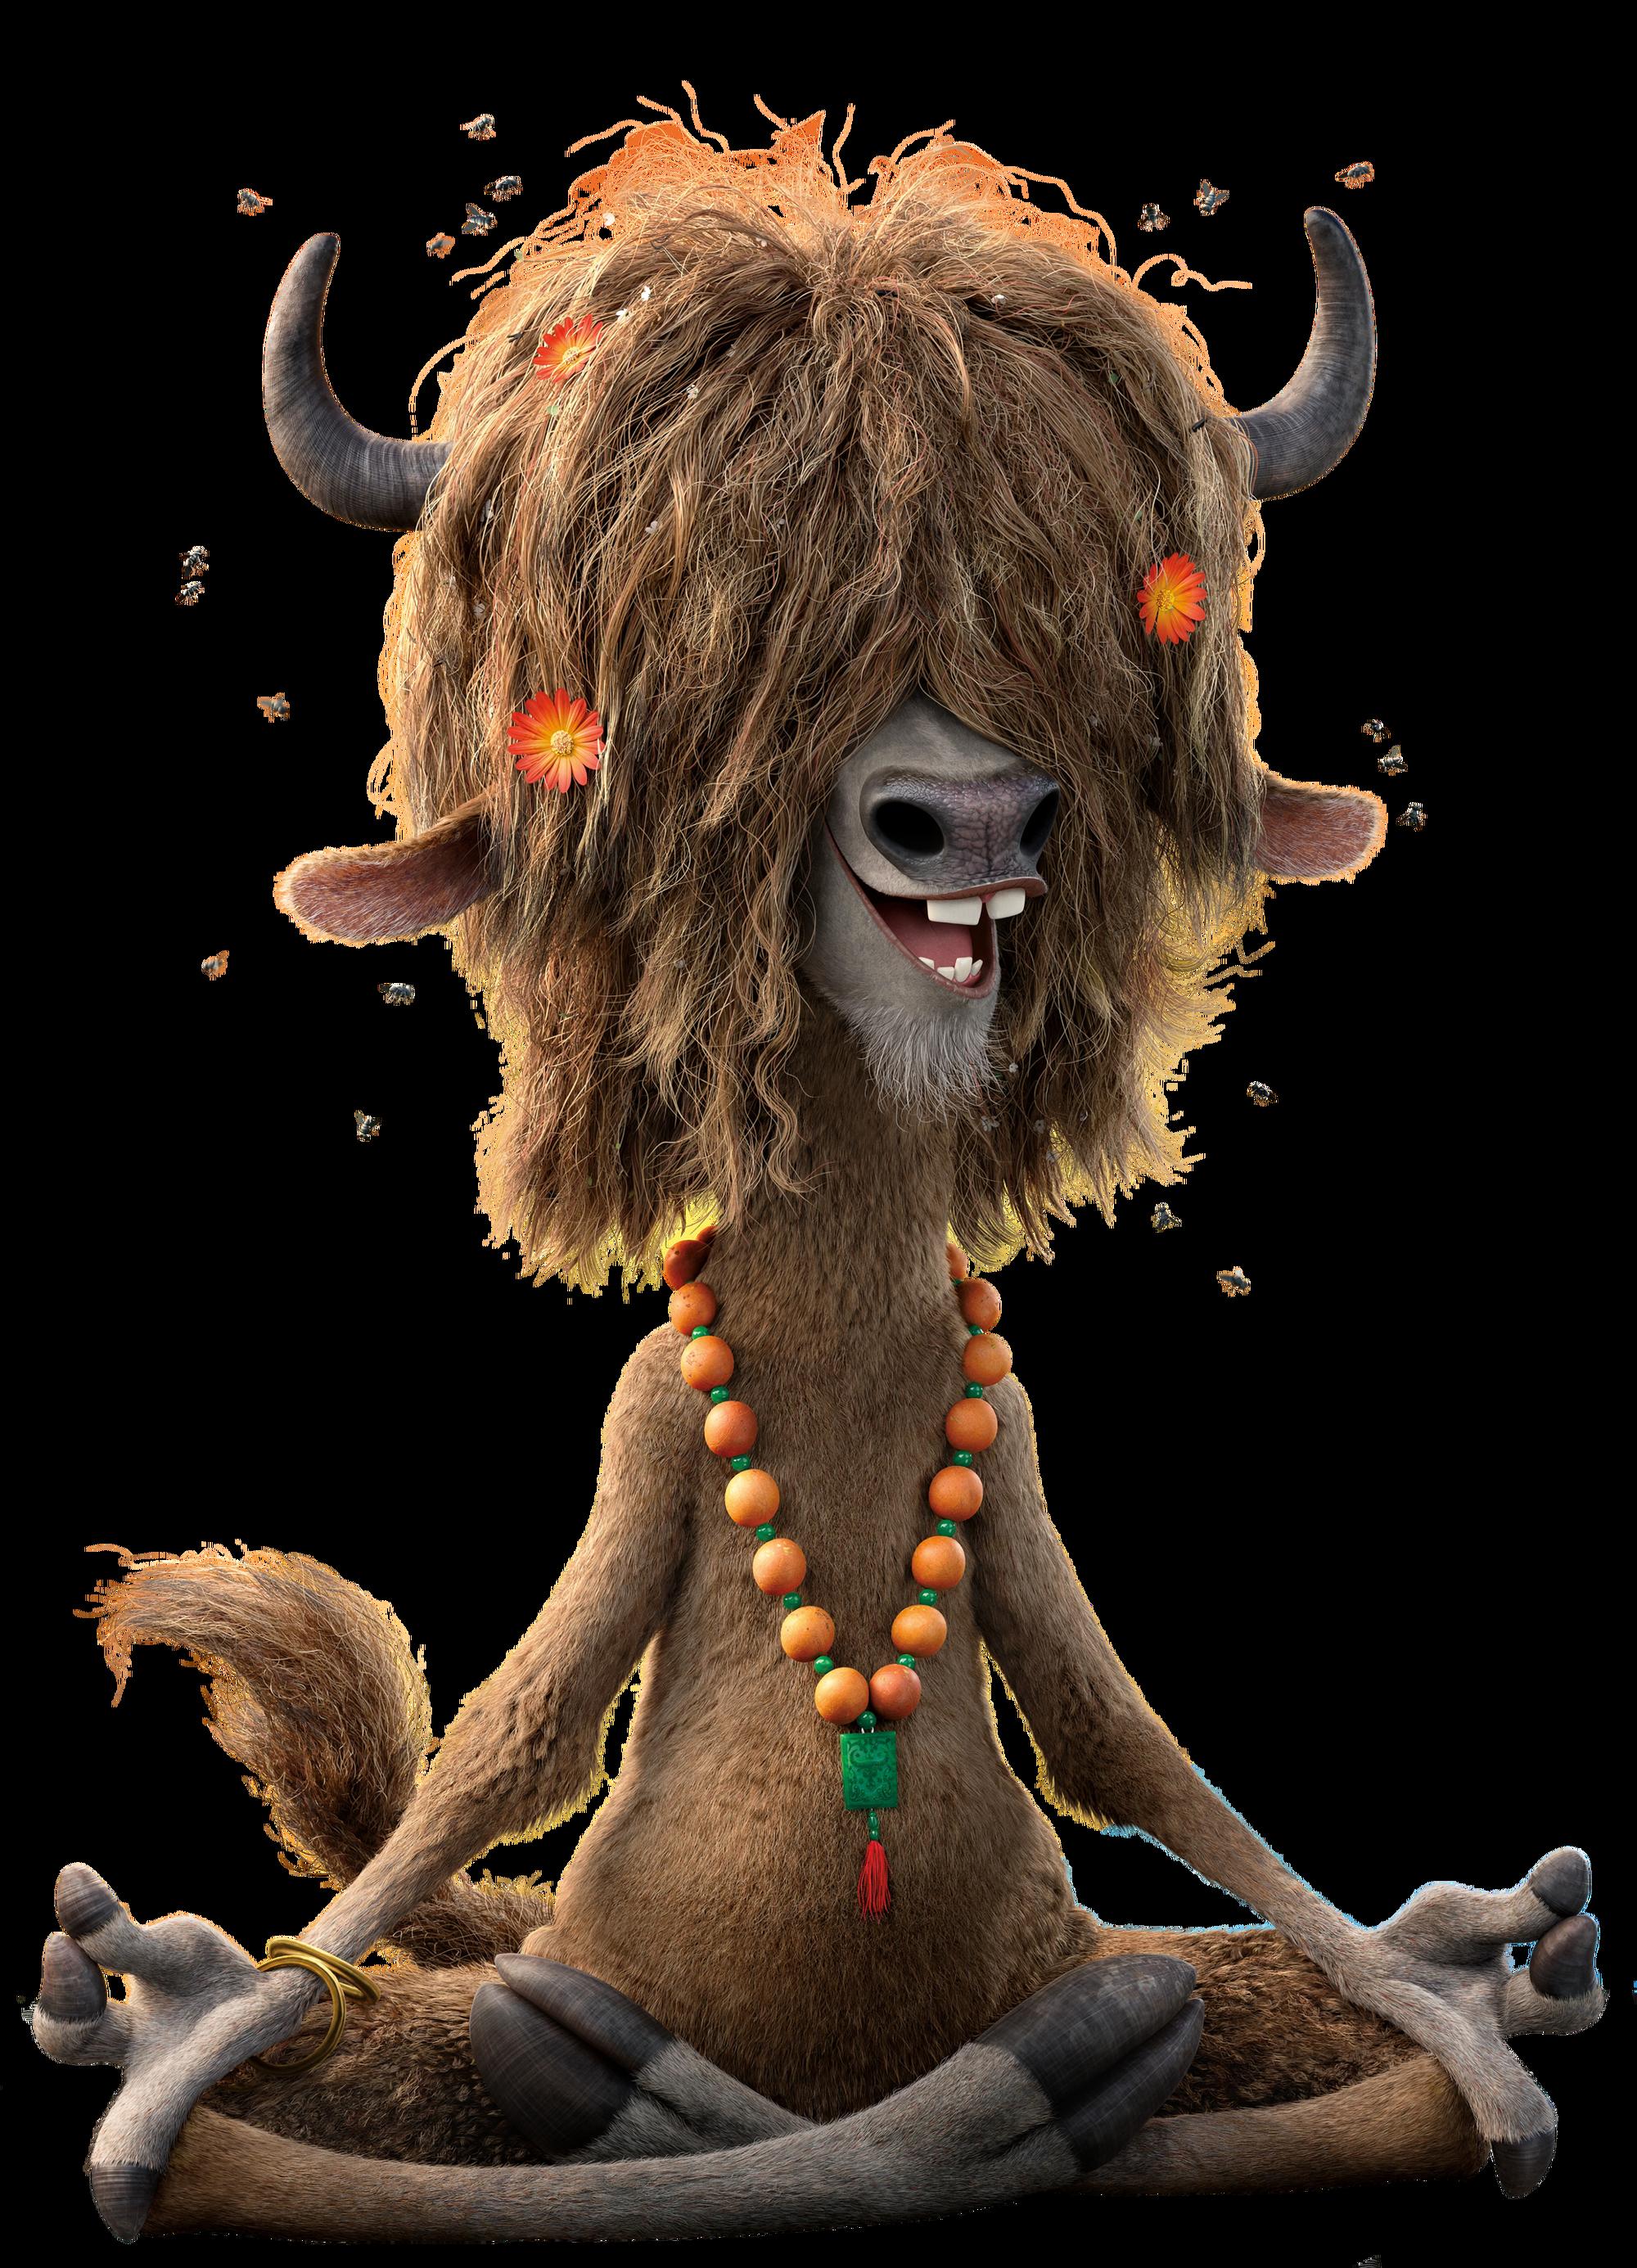 Yax | Disney Wiki | FANDOM powered by Wikia